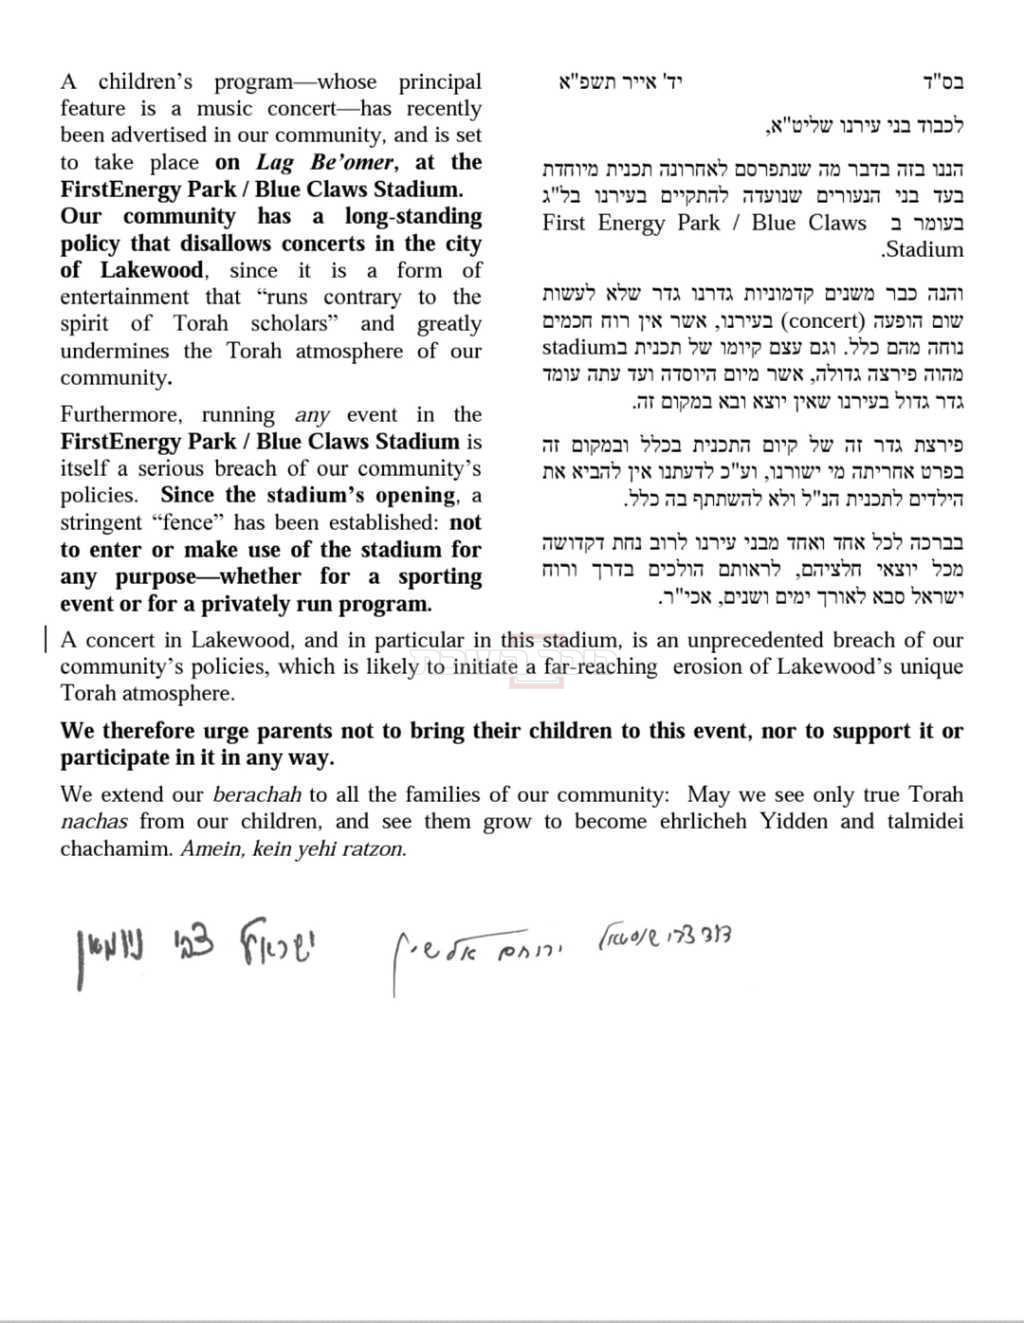 מכתב הרבנים (צילום מסך)